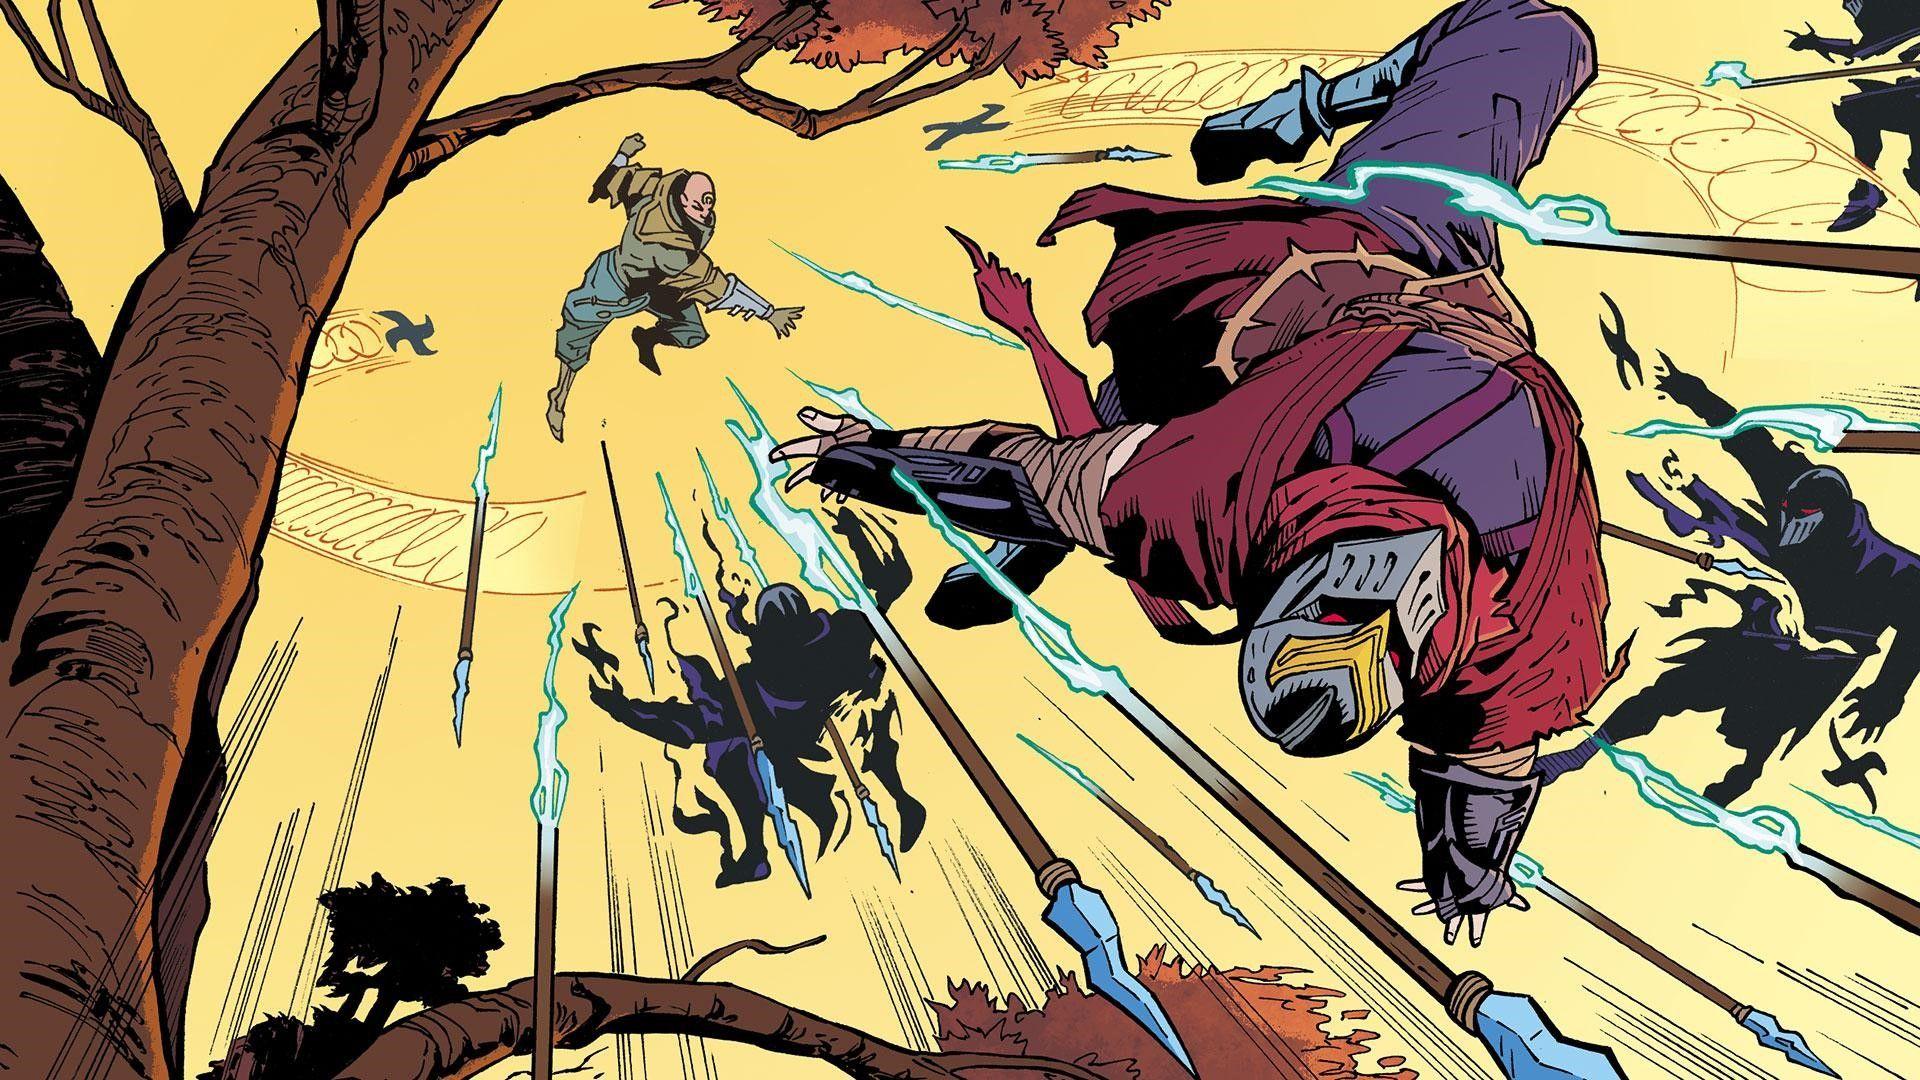 Riot Games lanza el primer tomo de Zed, junto a Marvel